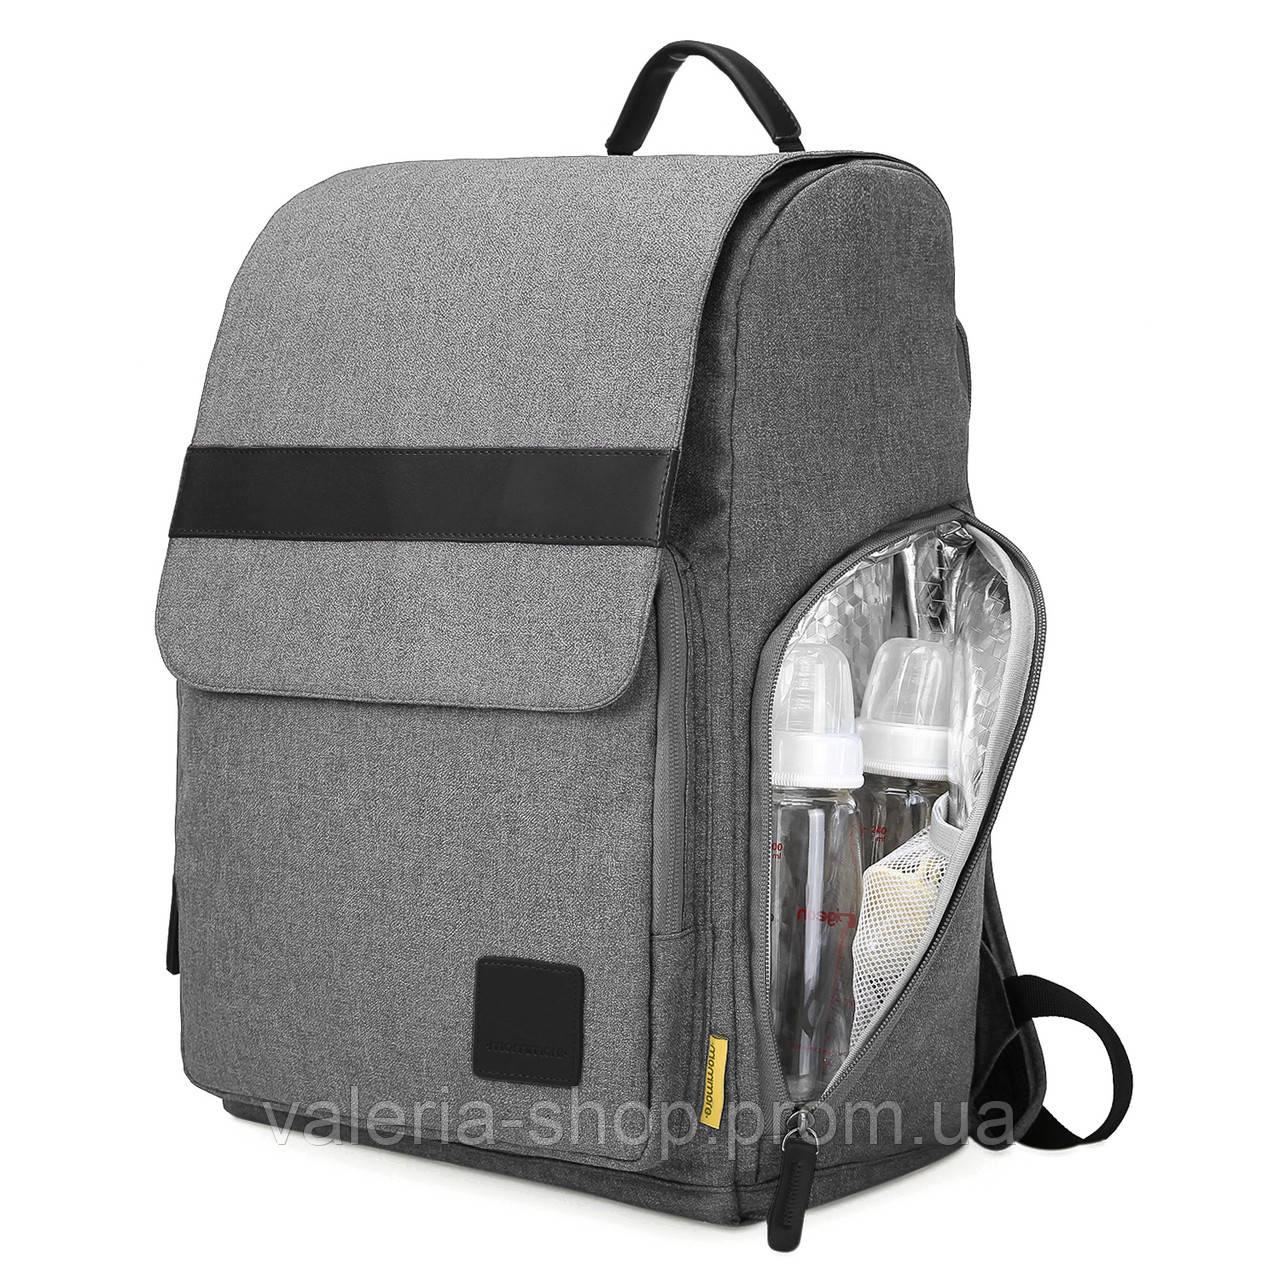 Многофункиональная, стильная сумка-рюкзак для мам  серая  Mommore